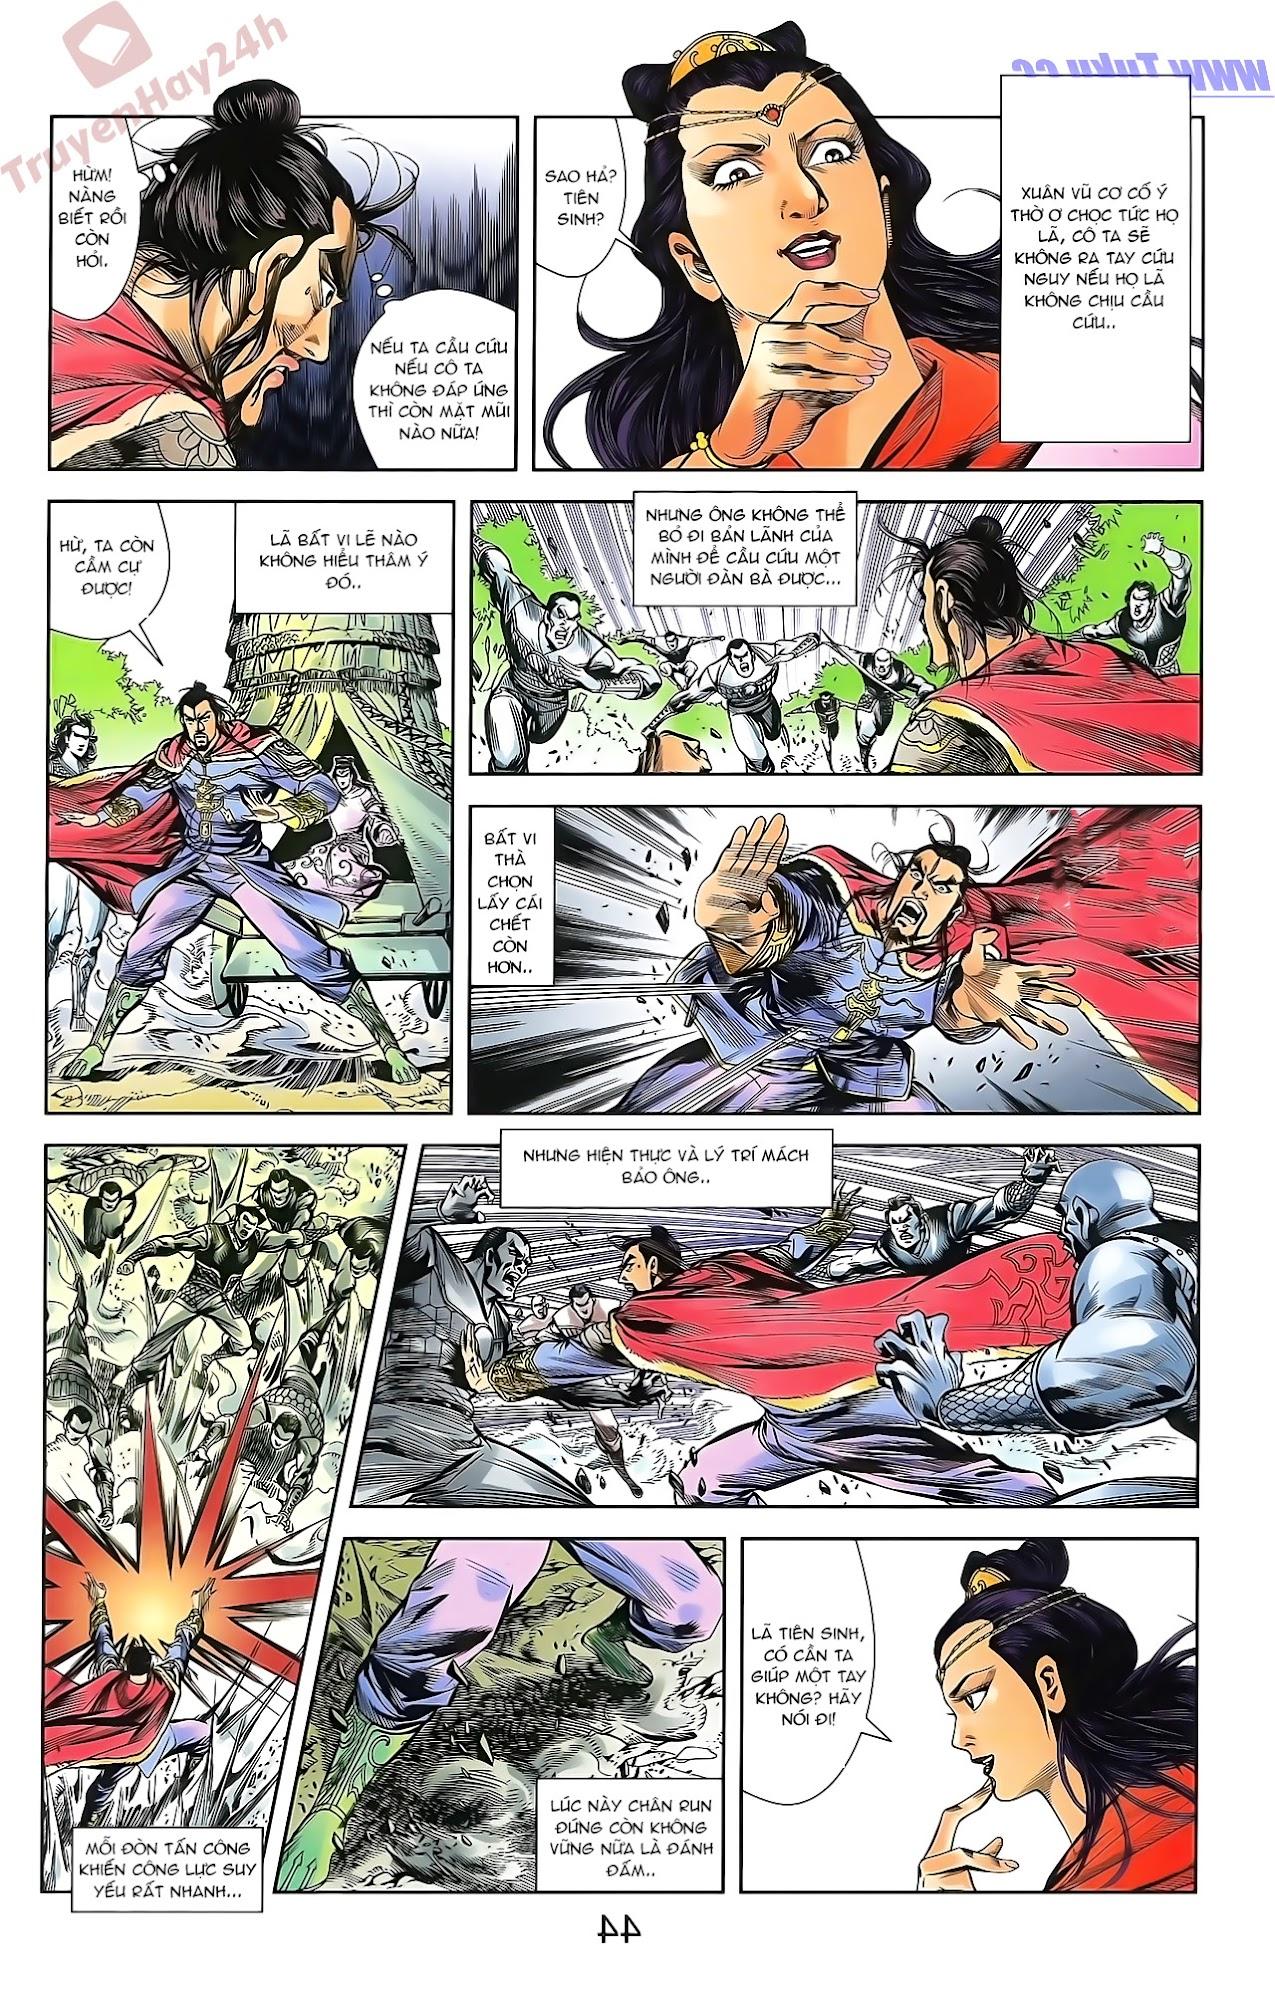 Tần Vương Doanh Chính chapter 46 trang 10